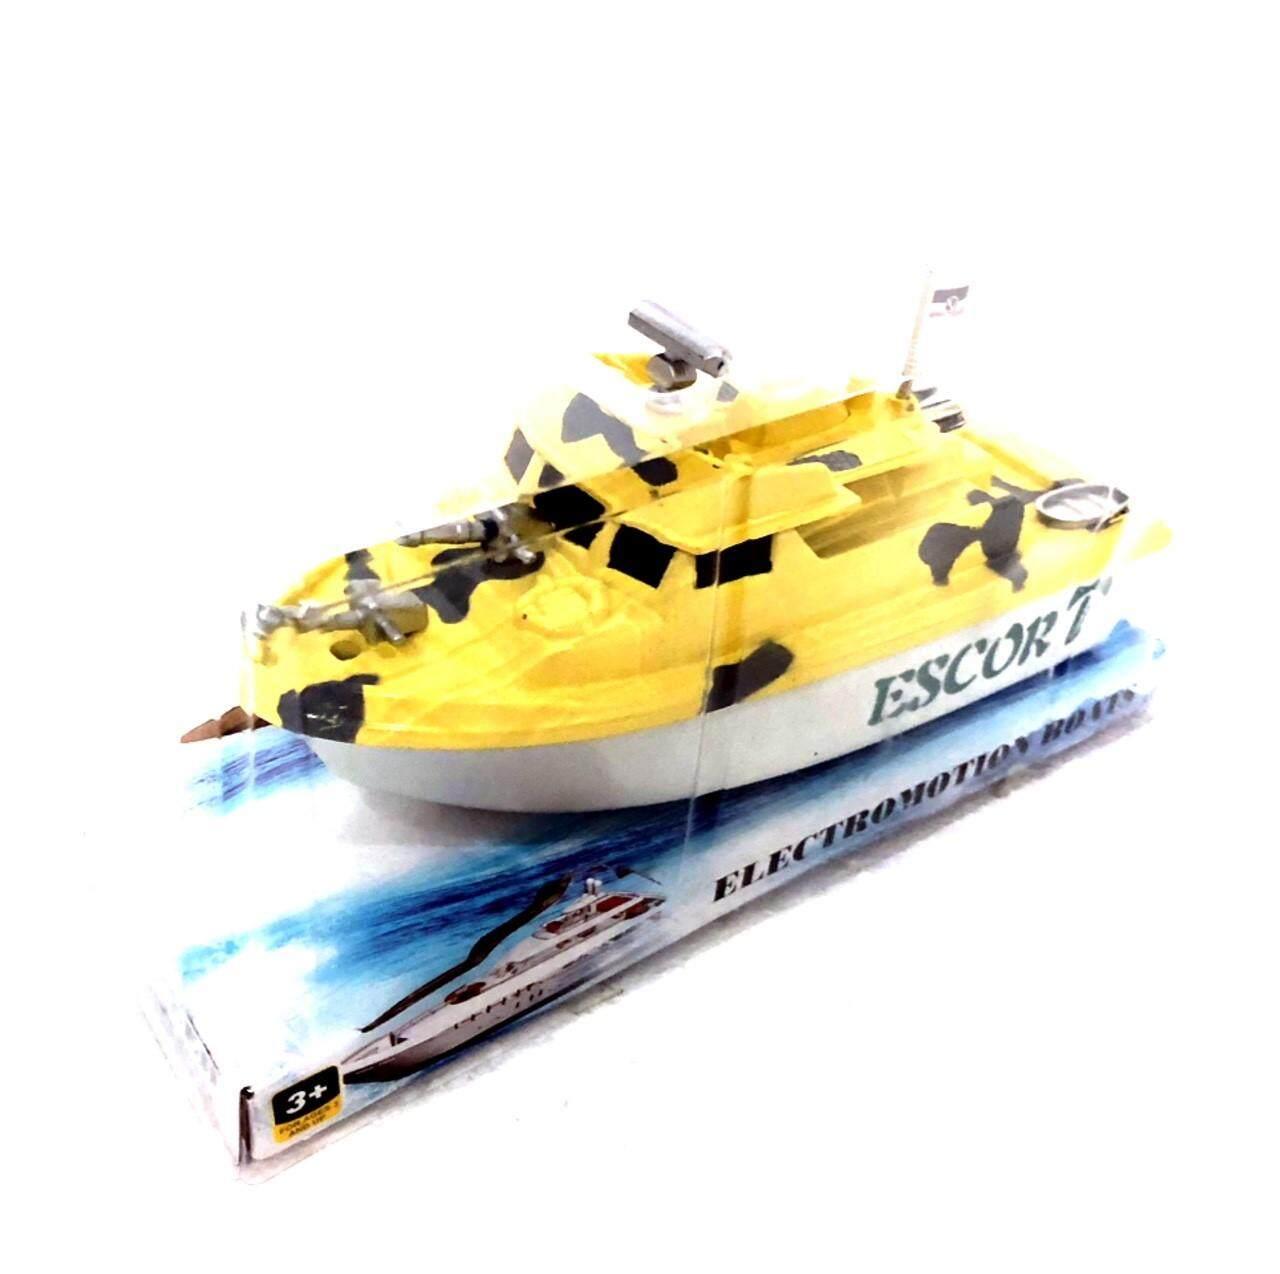 ของเล่น เรือใส่ถ่าน วิ่งในน้ำ สามารถเล่นในอ่างอาบน้ำได้ ขนาด 7*20*9 Cm.  .